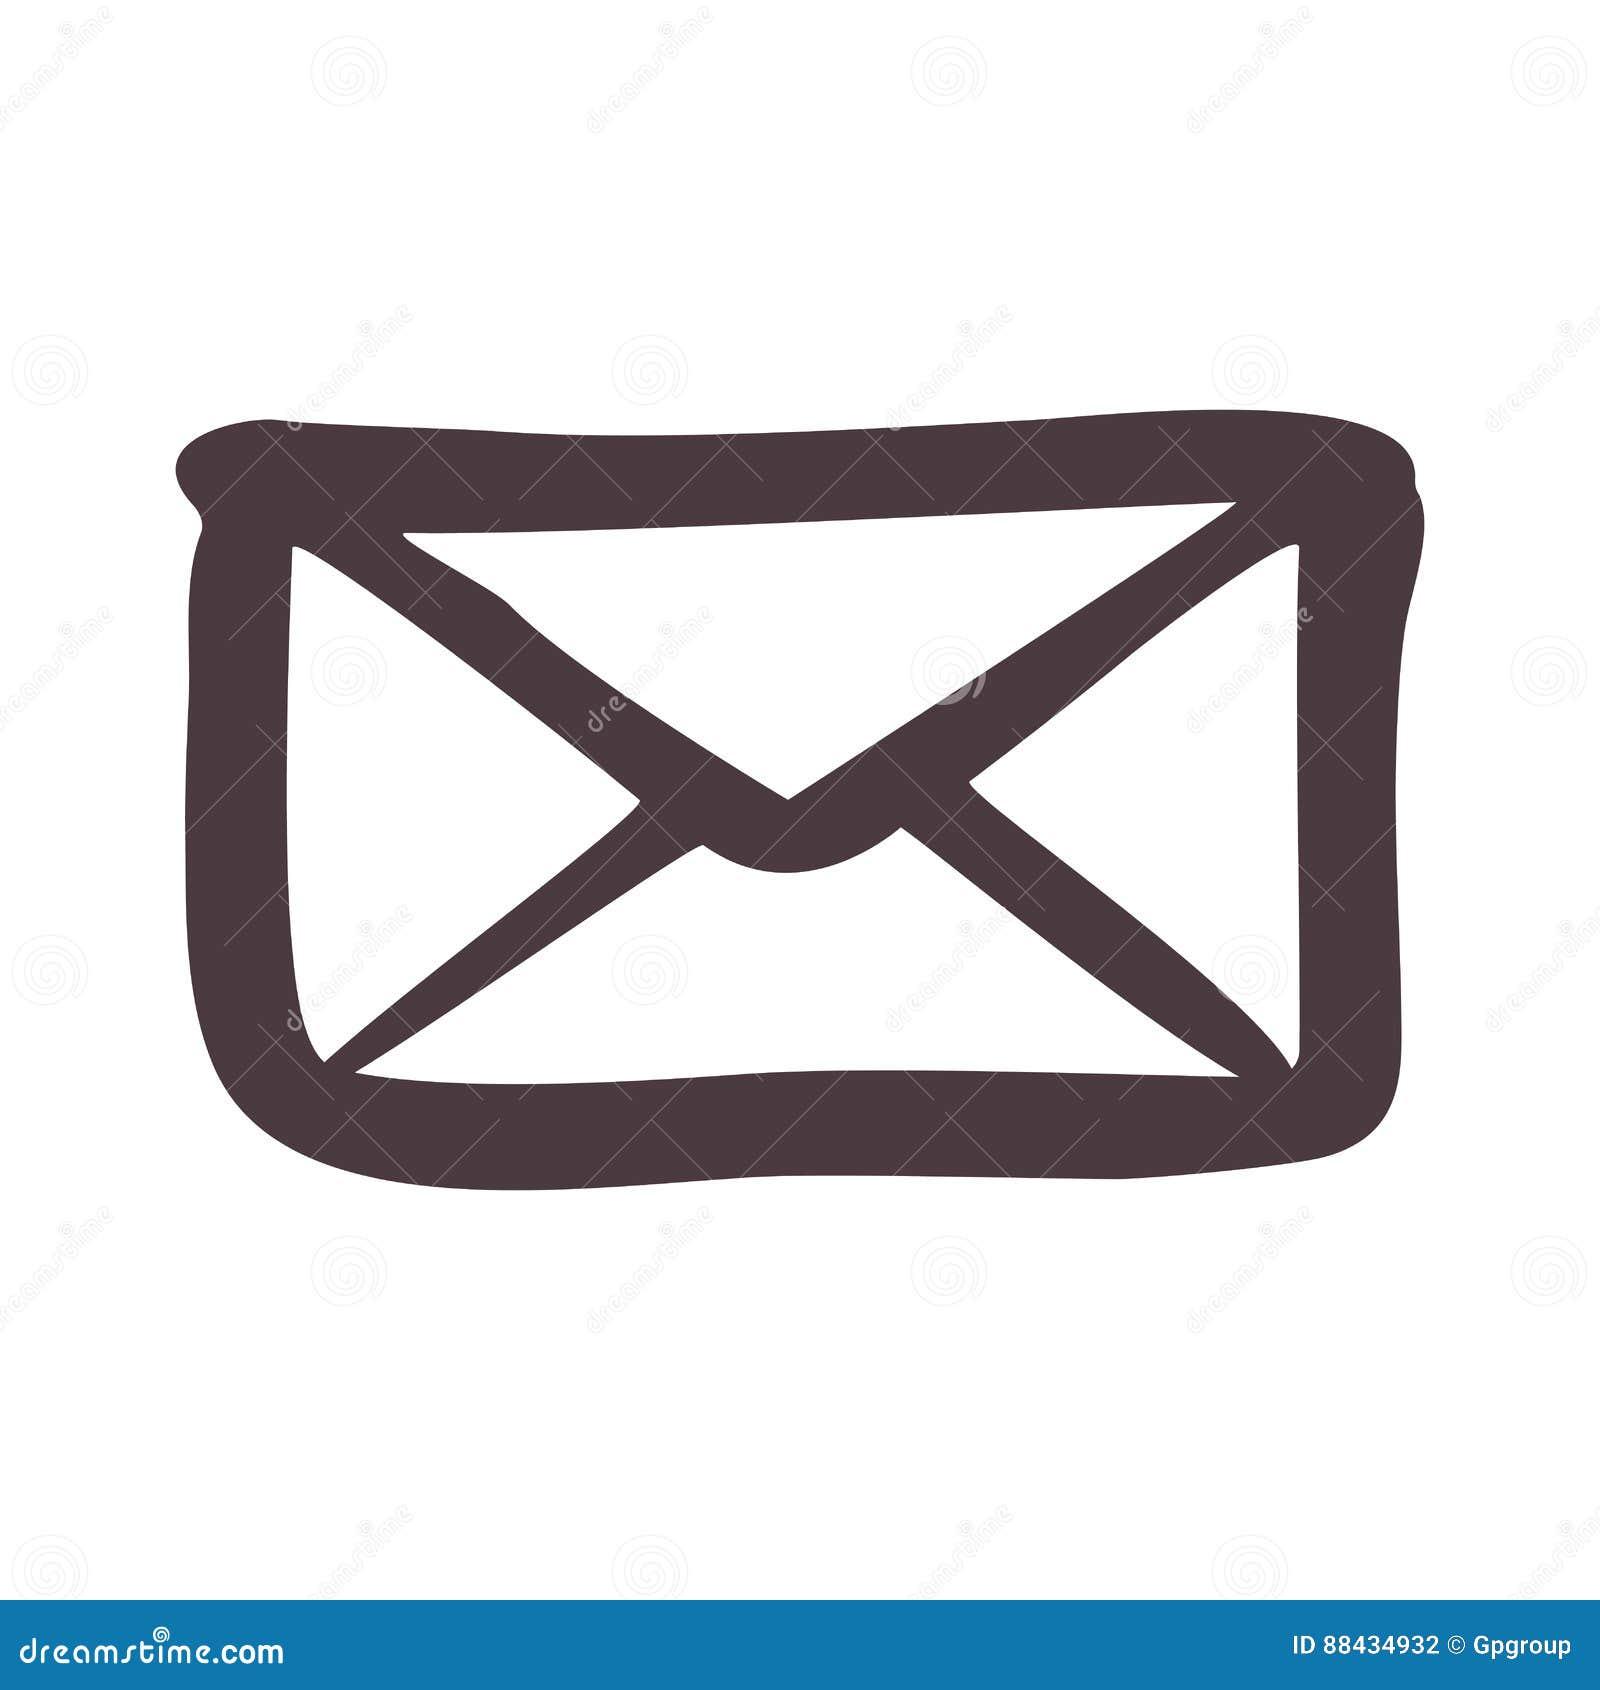 Dessin D Enveloppe icône d'enveloppe de silhouette de dessin de main illustration stock